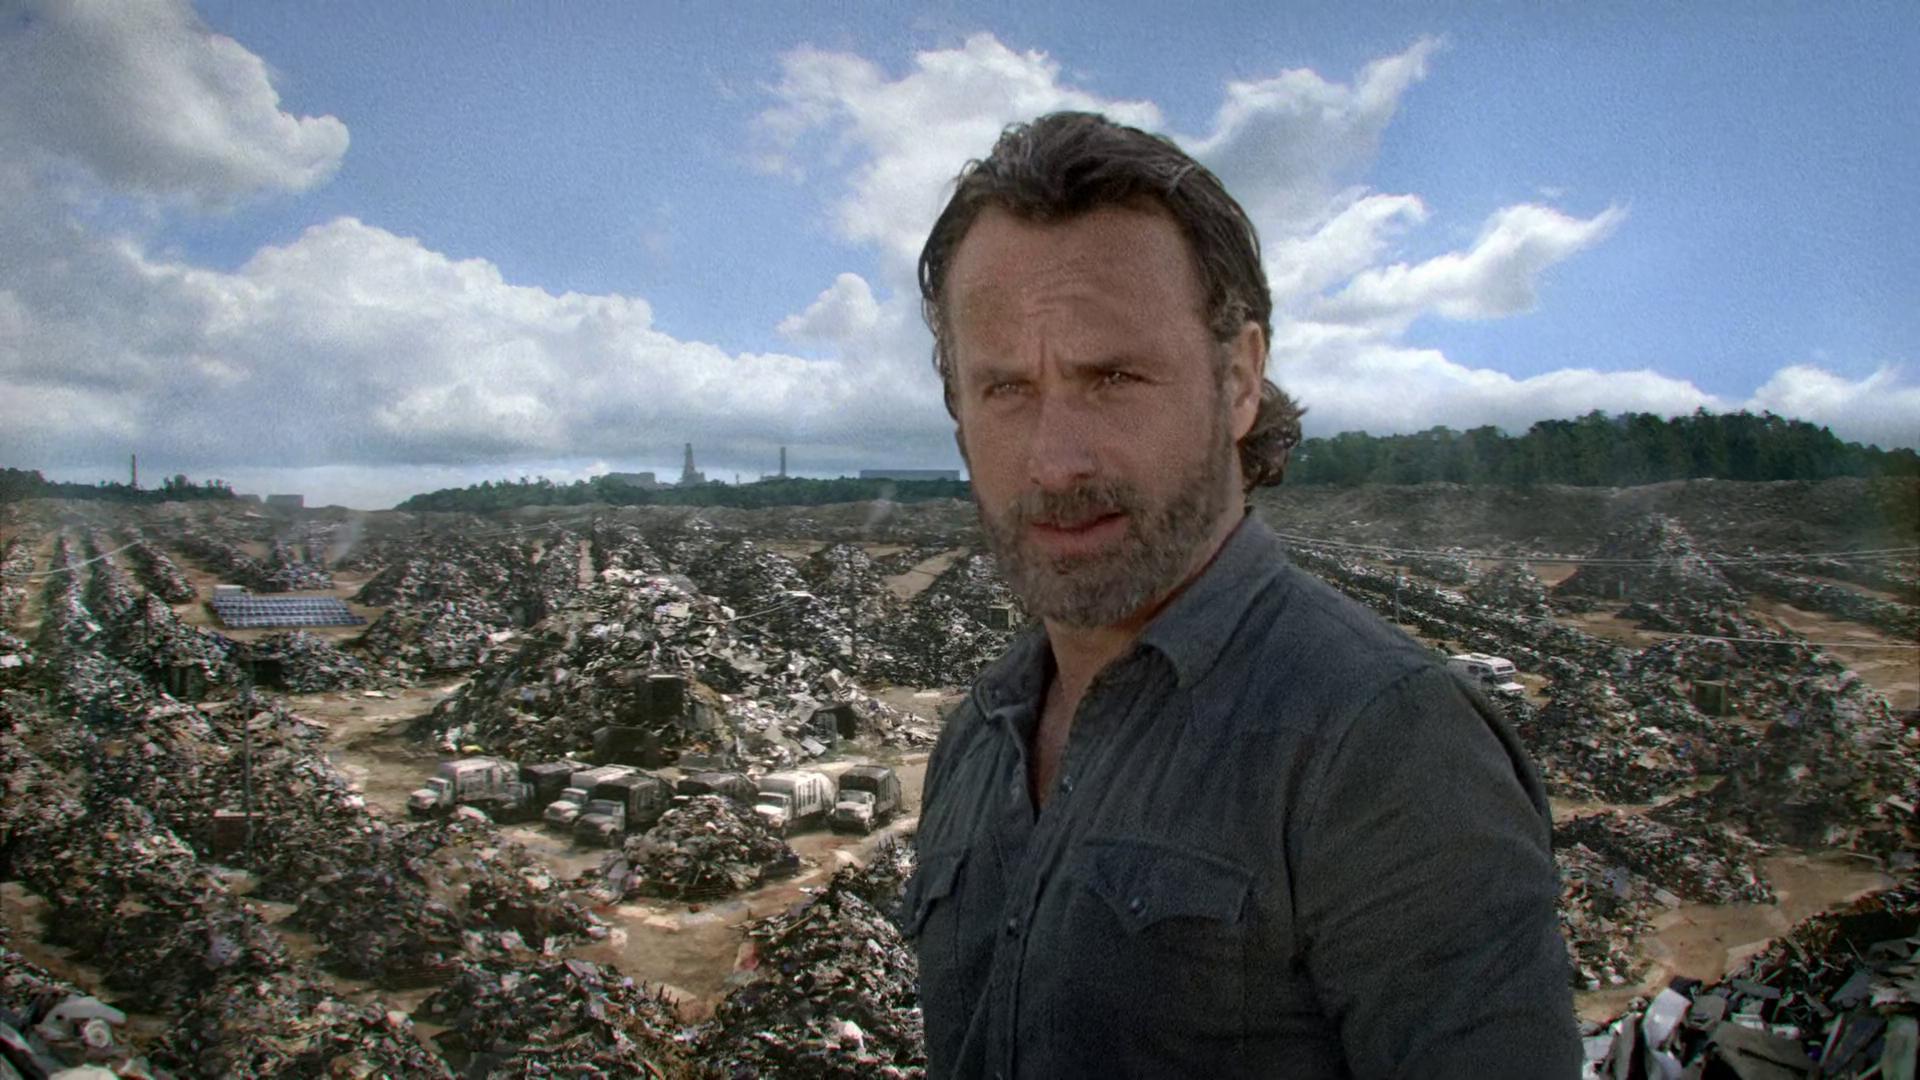 Junkyard (TV Series) | Walking Dead Wiki | FANDOM powered by Wikia